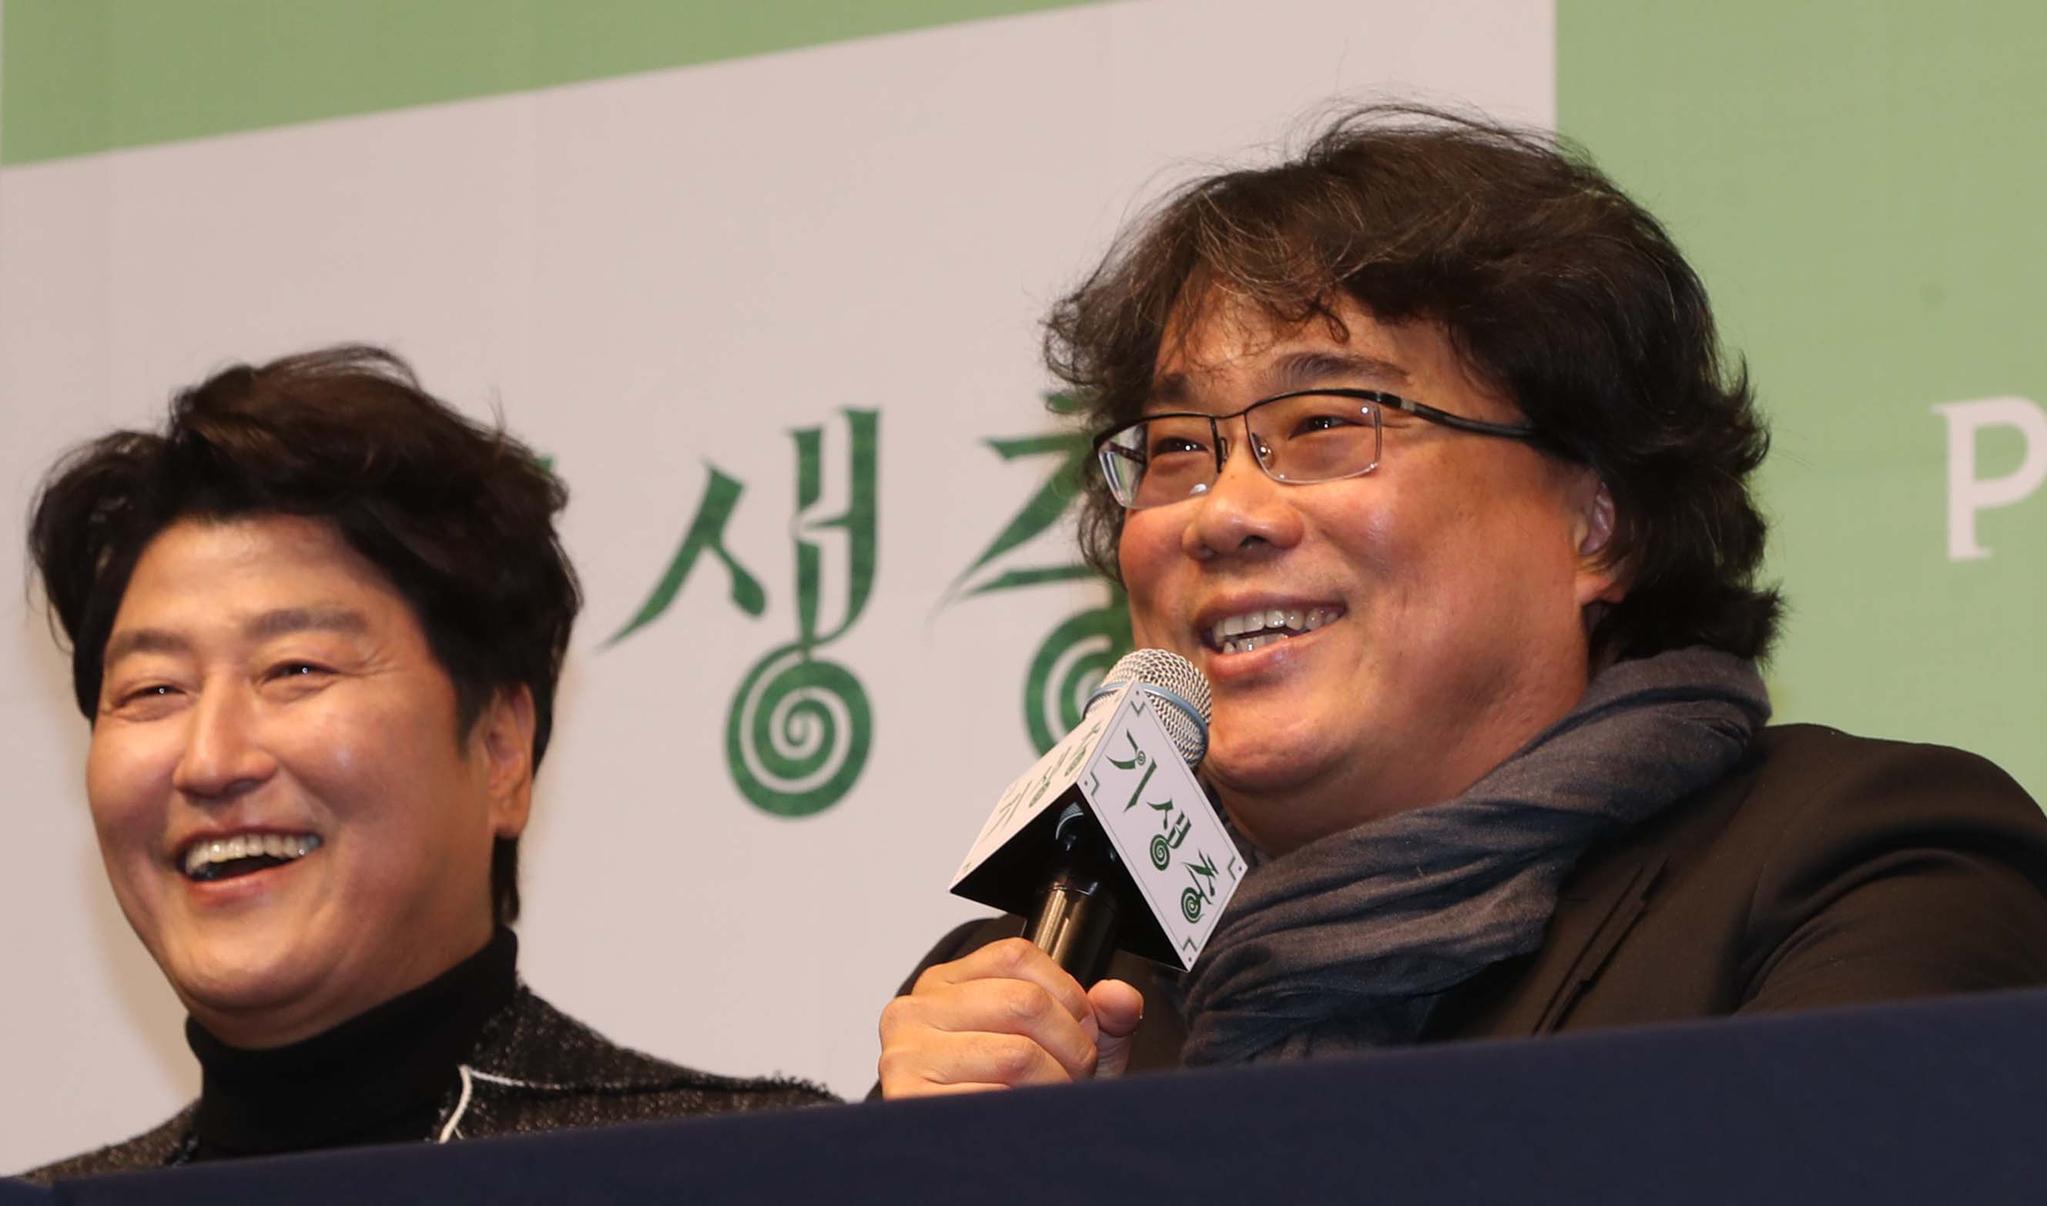 2월 19일 오전 서울 중구 웨스틴조선호텔에서 열린 '기생충' 기자회견에서 봉준호 감독이 인사말을 하고 있다. 왼쪽은 배우 송강호. 중앙포토